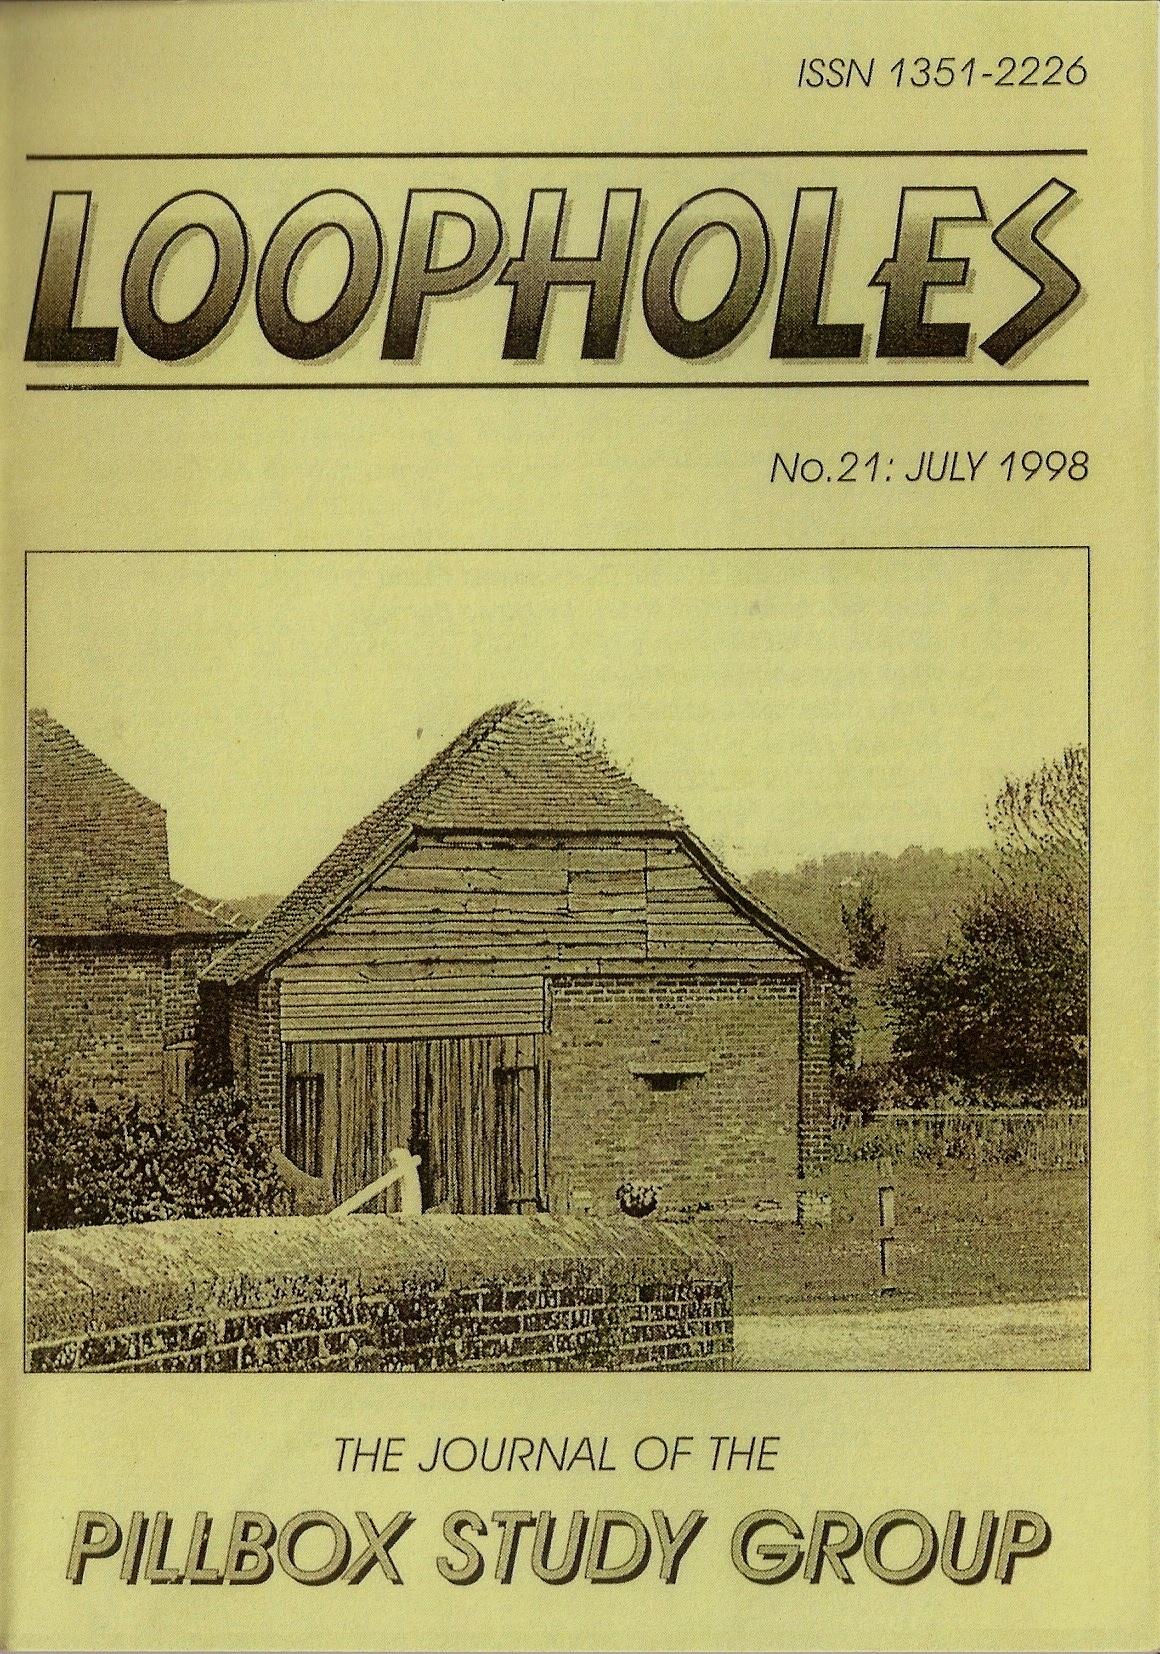 Loopholes-21